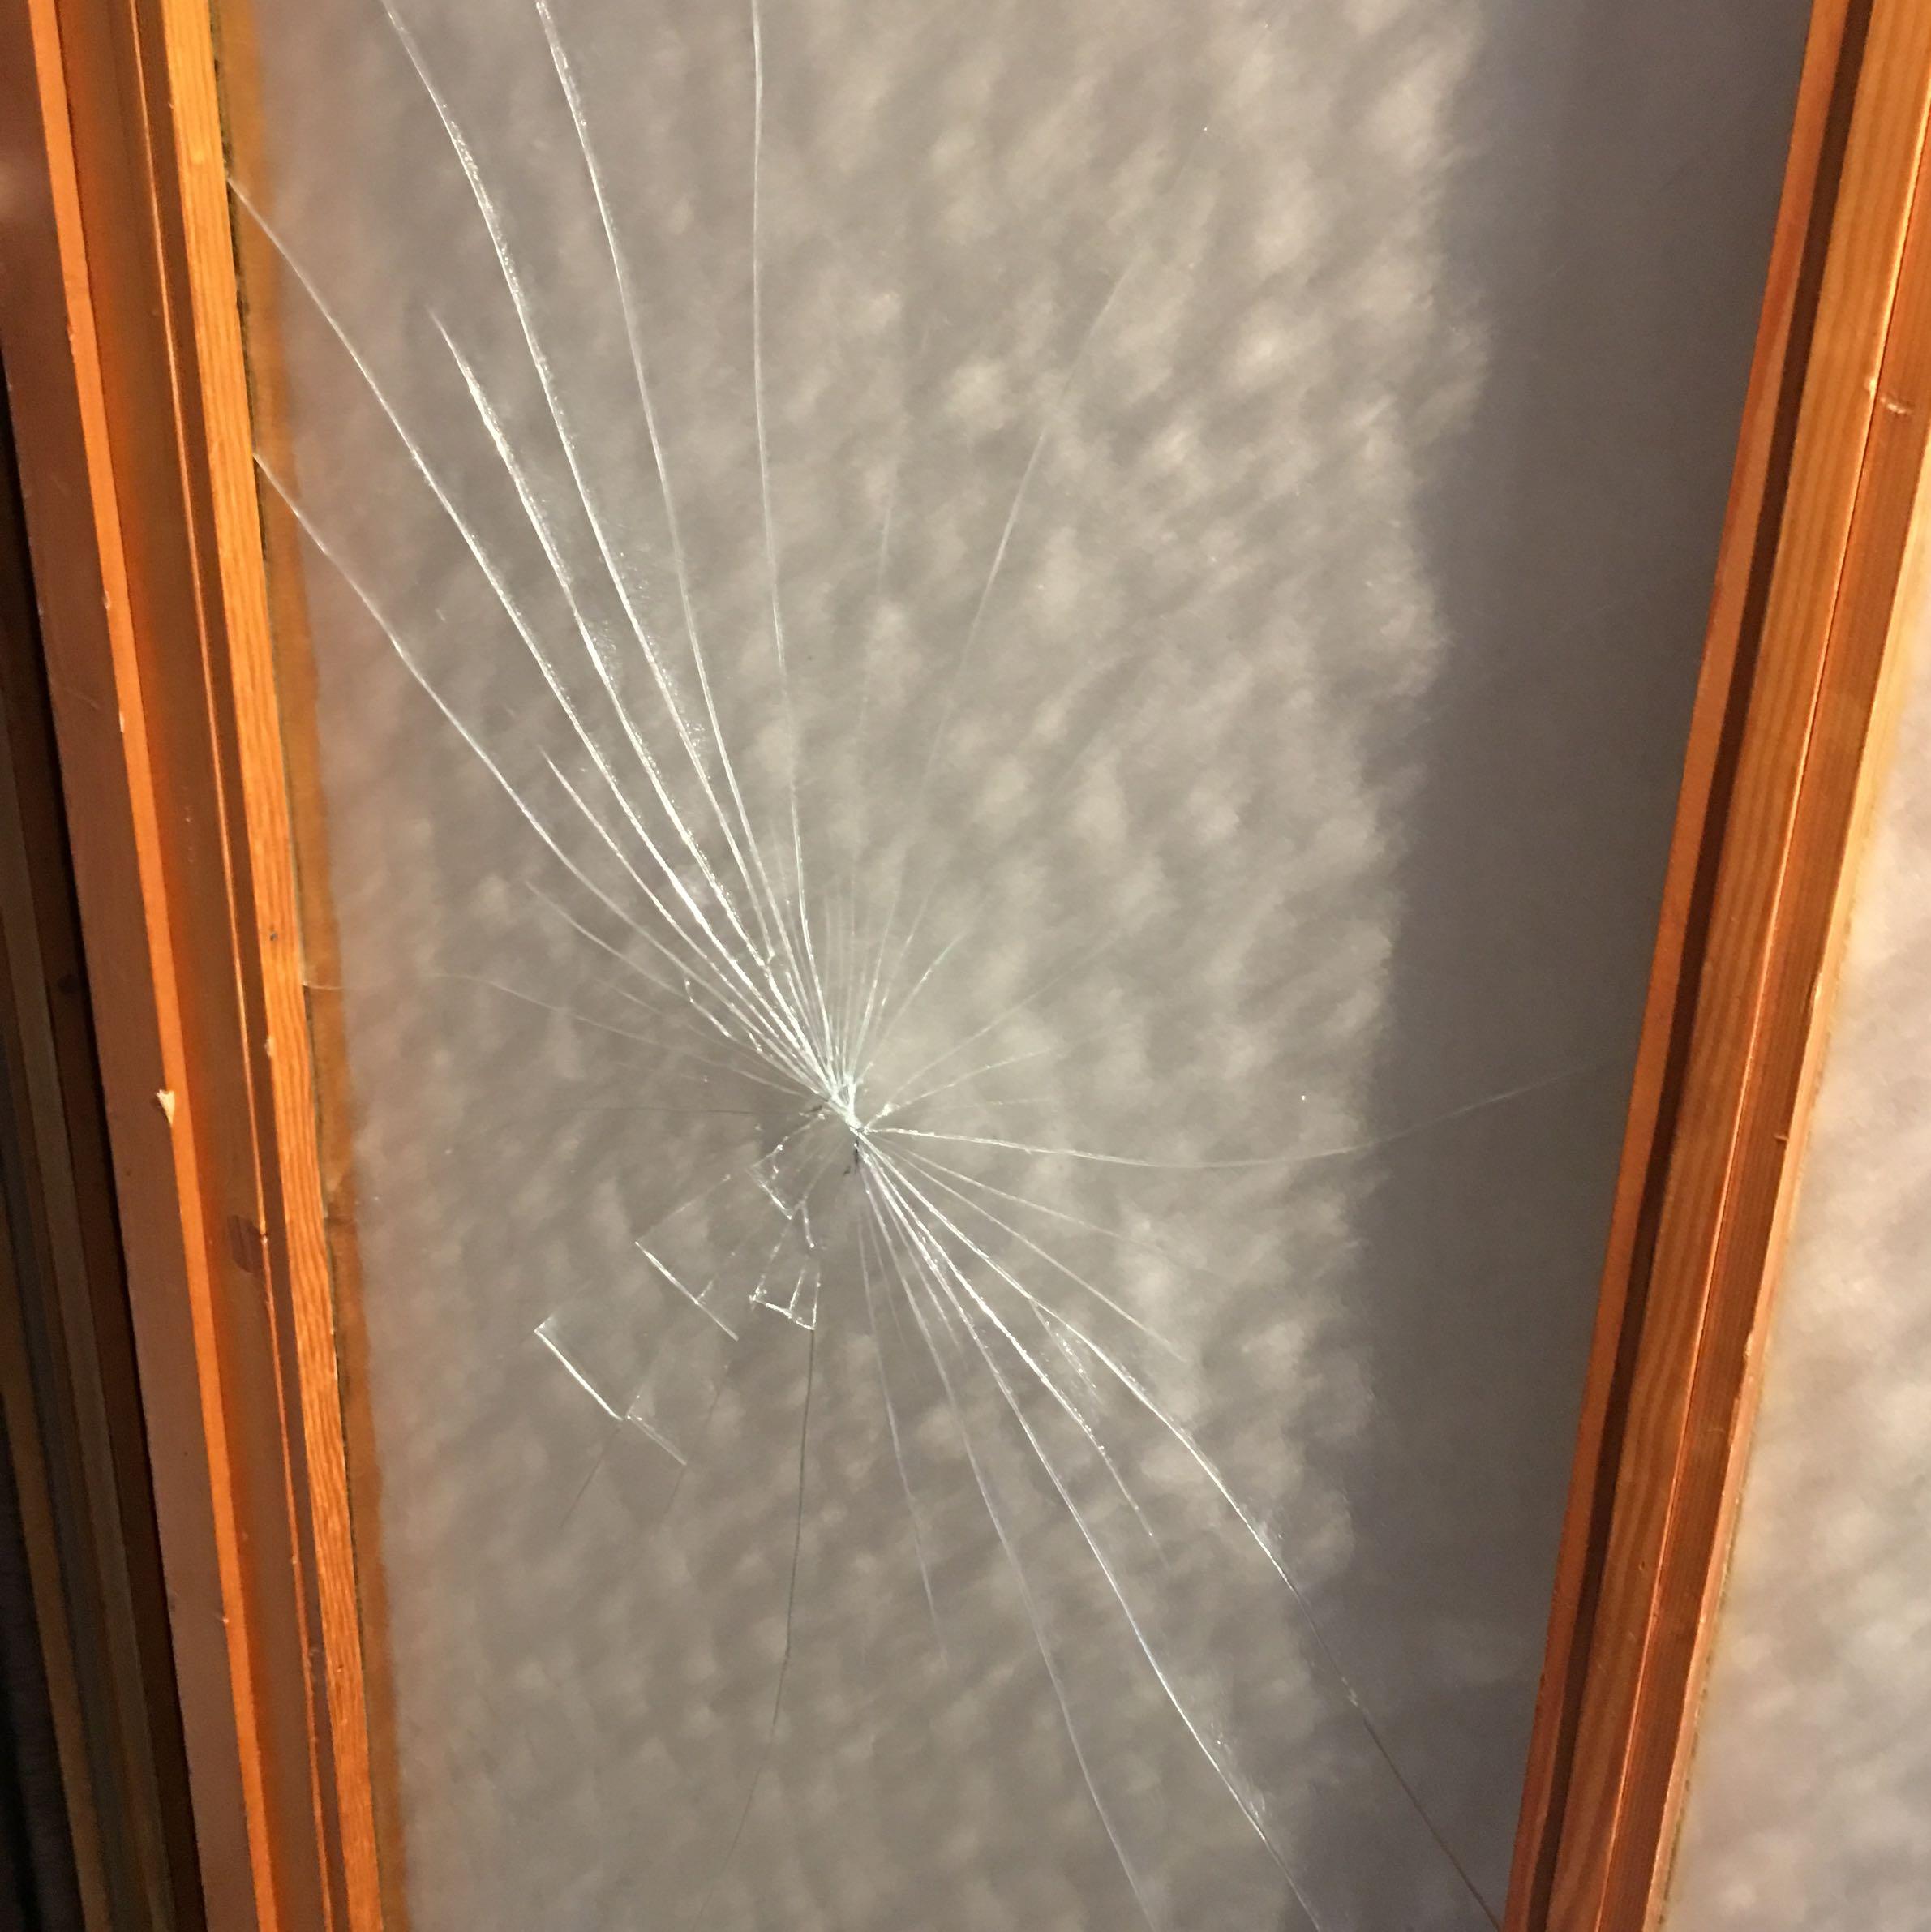 glas in der wohnung kaputt wer repetiert so etwas reparatur handwerk schaden. Black Bedroom Furniture Sets. Home Design Ideas